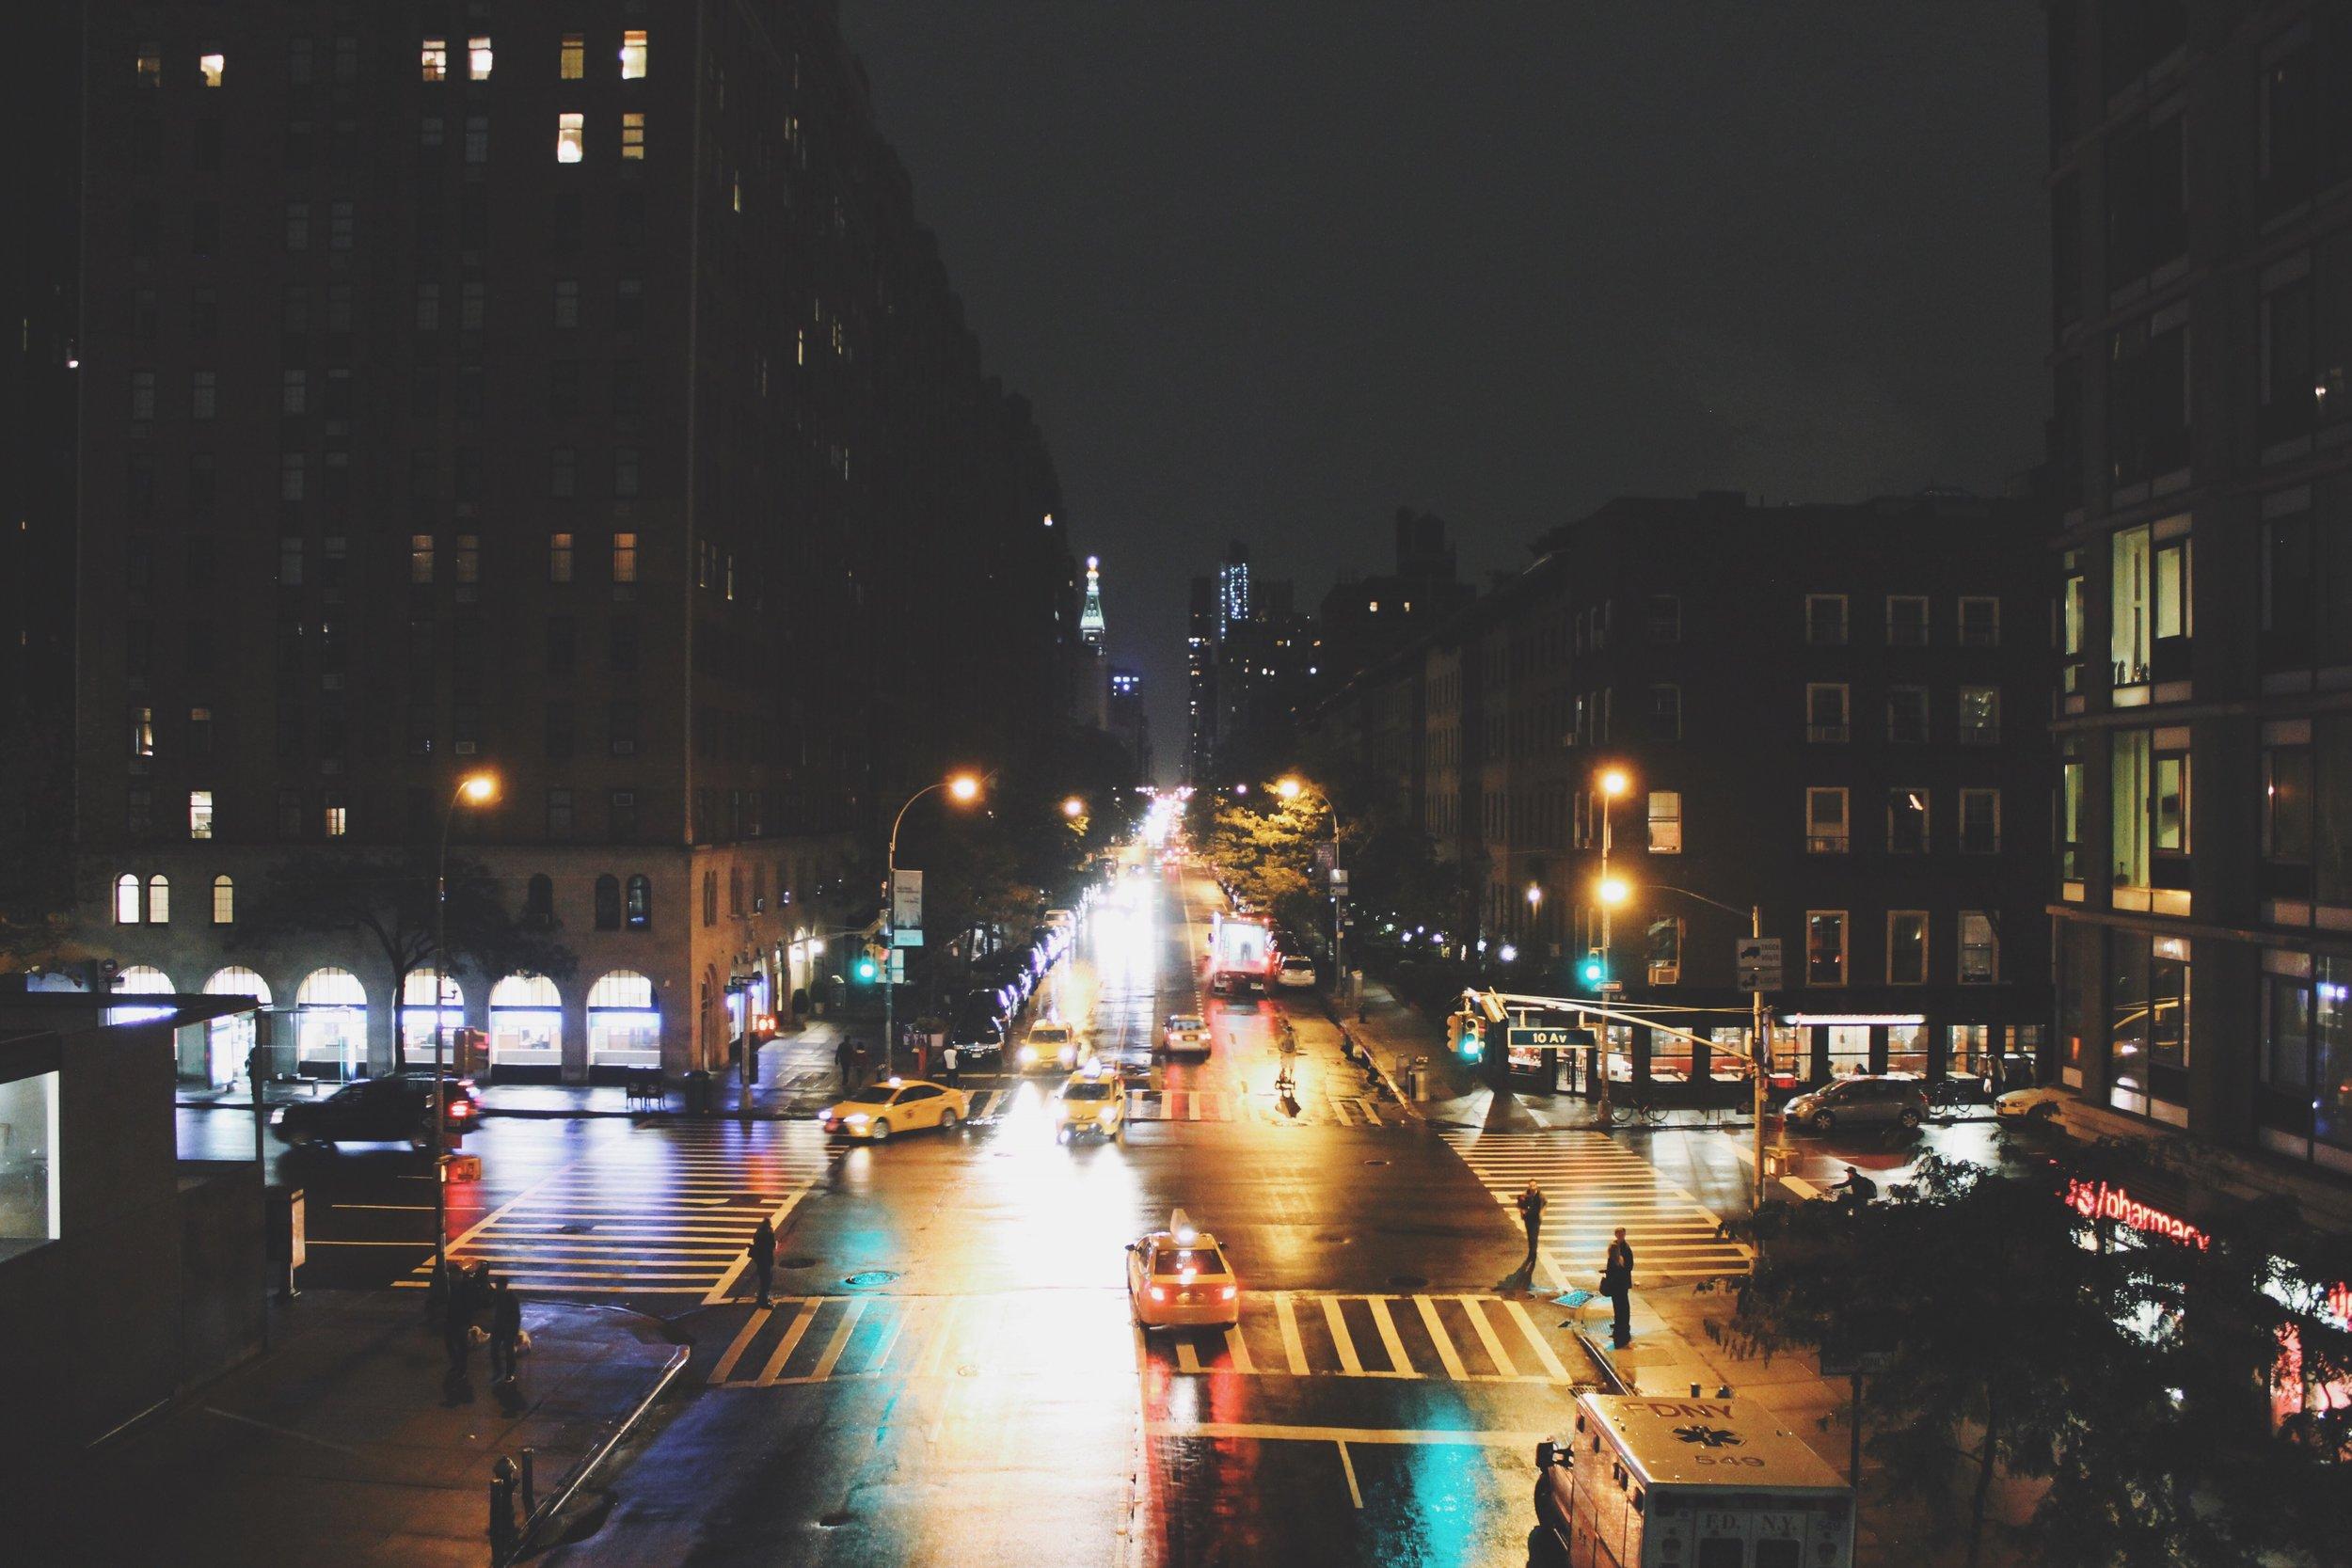 23rd Street - Chelsea, NY.jpg